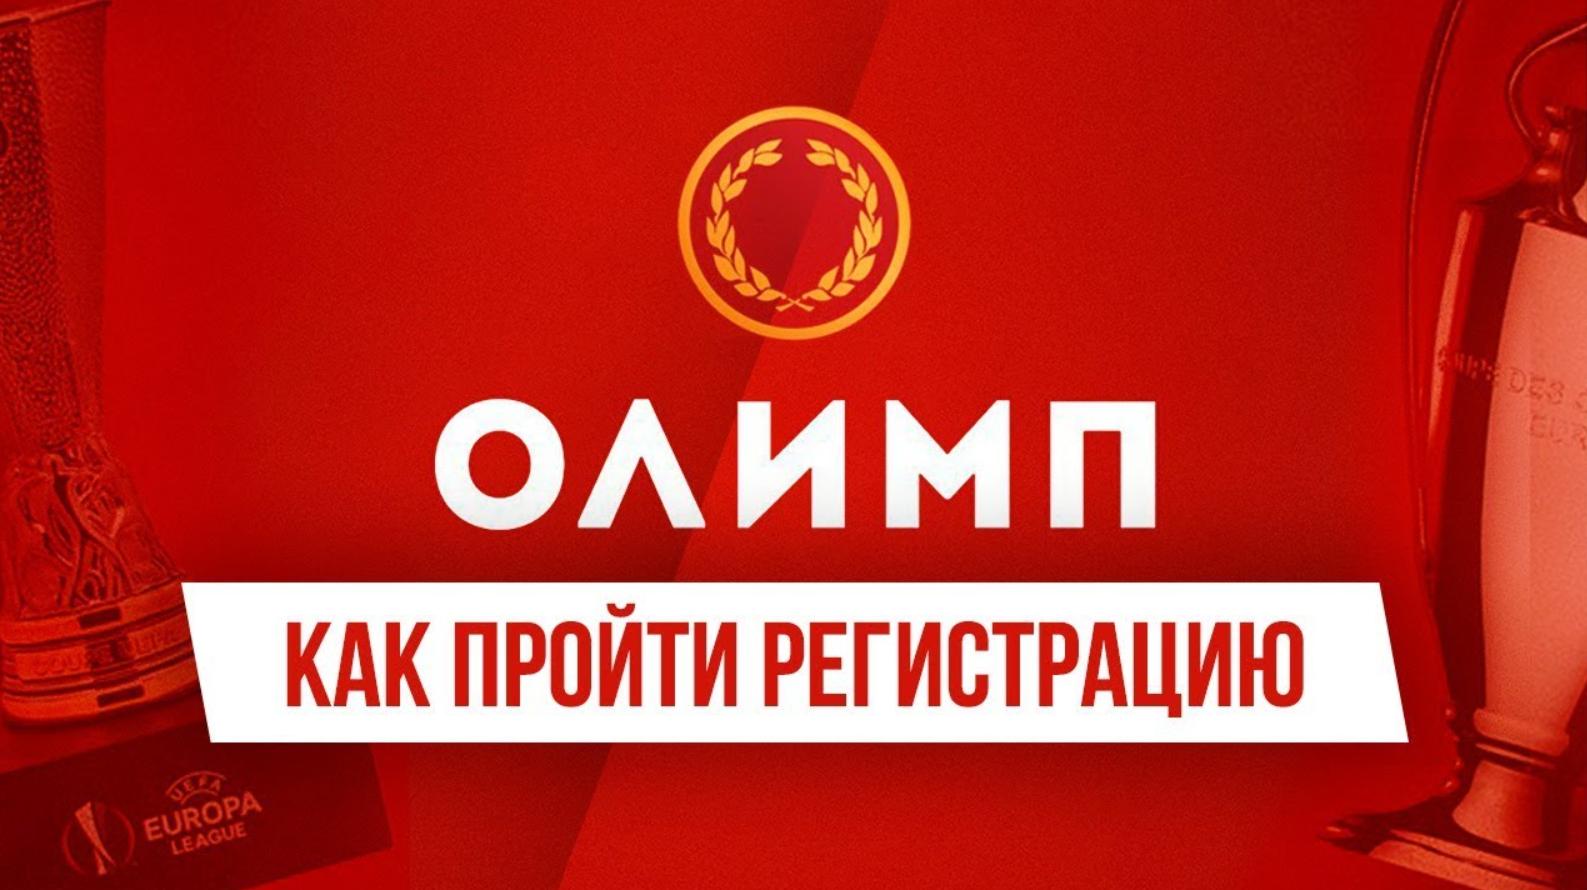 Регистрация на БК Олимп